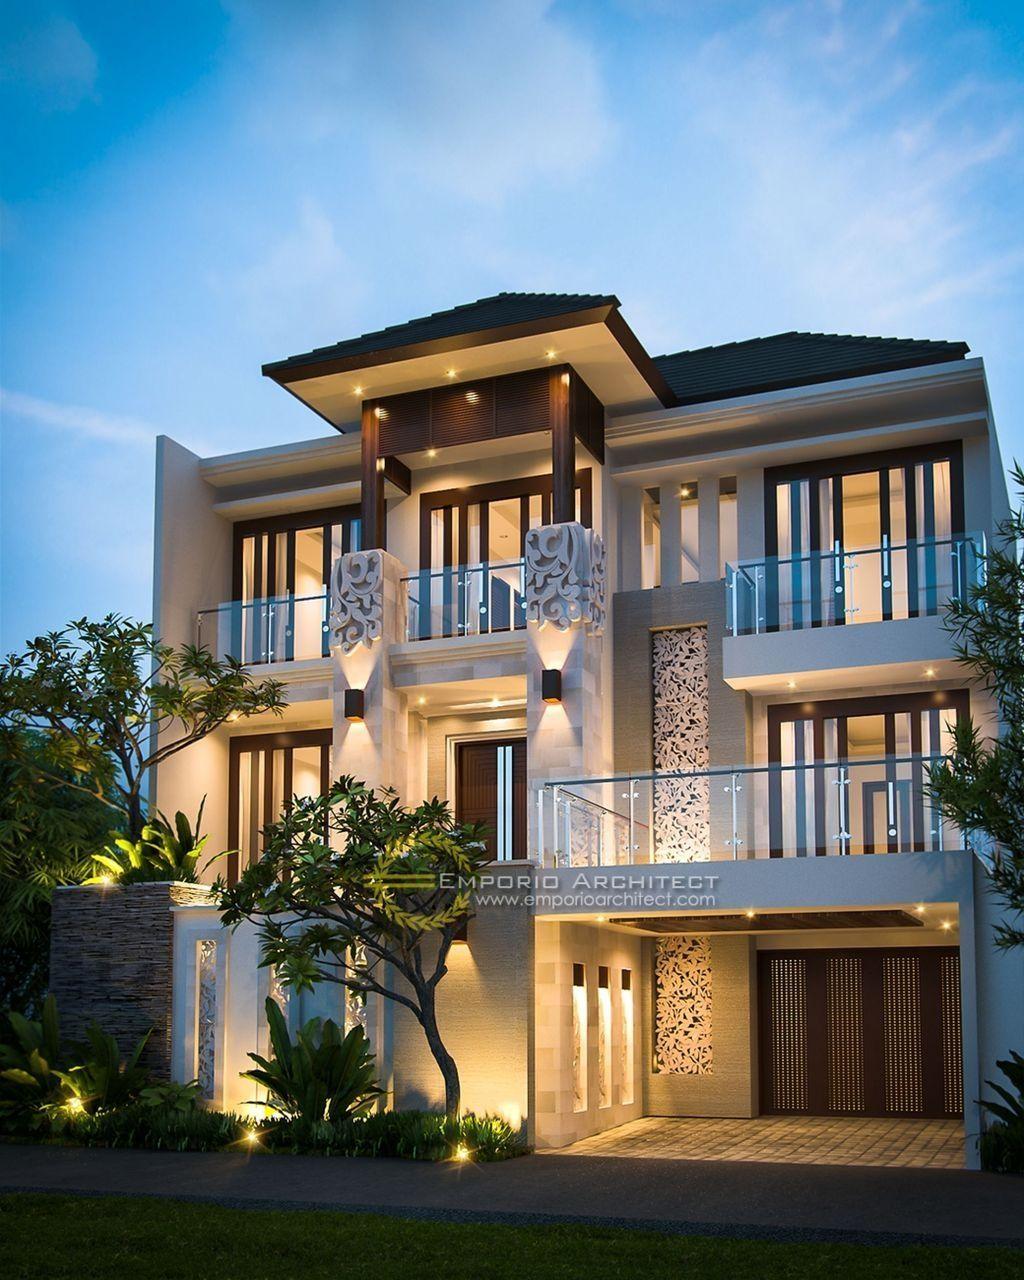 30 Best Home Exteriors Design Ideas House Plans Mansion House Architecture Design House Exterior